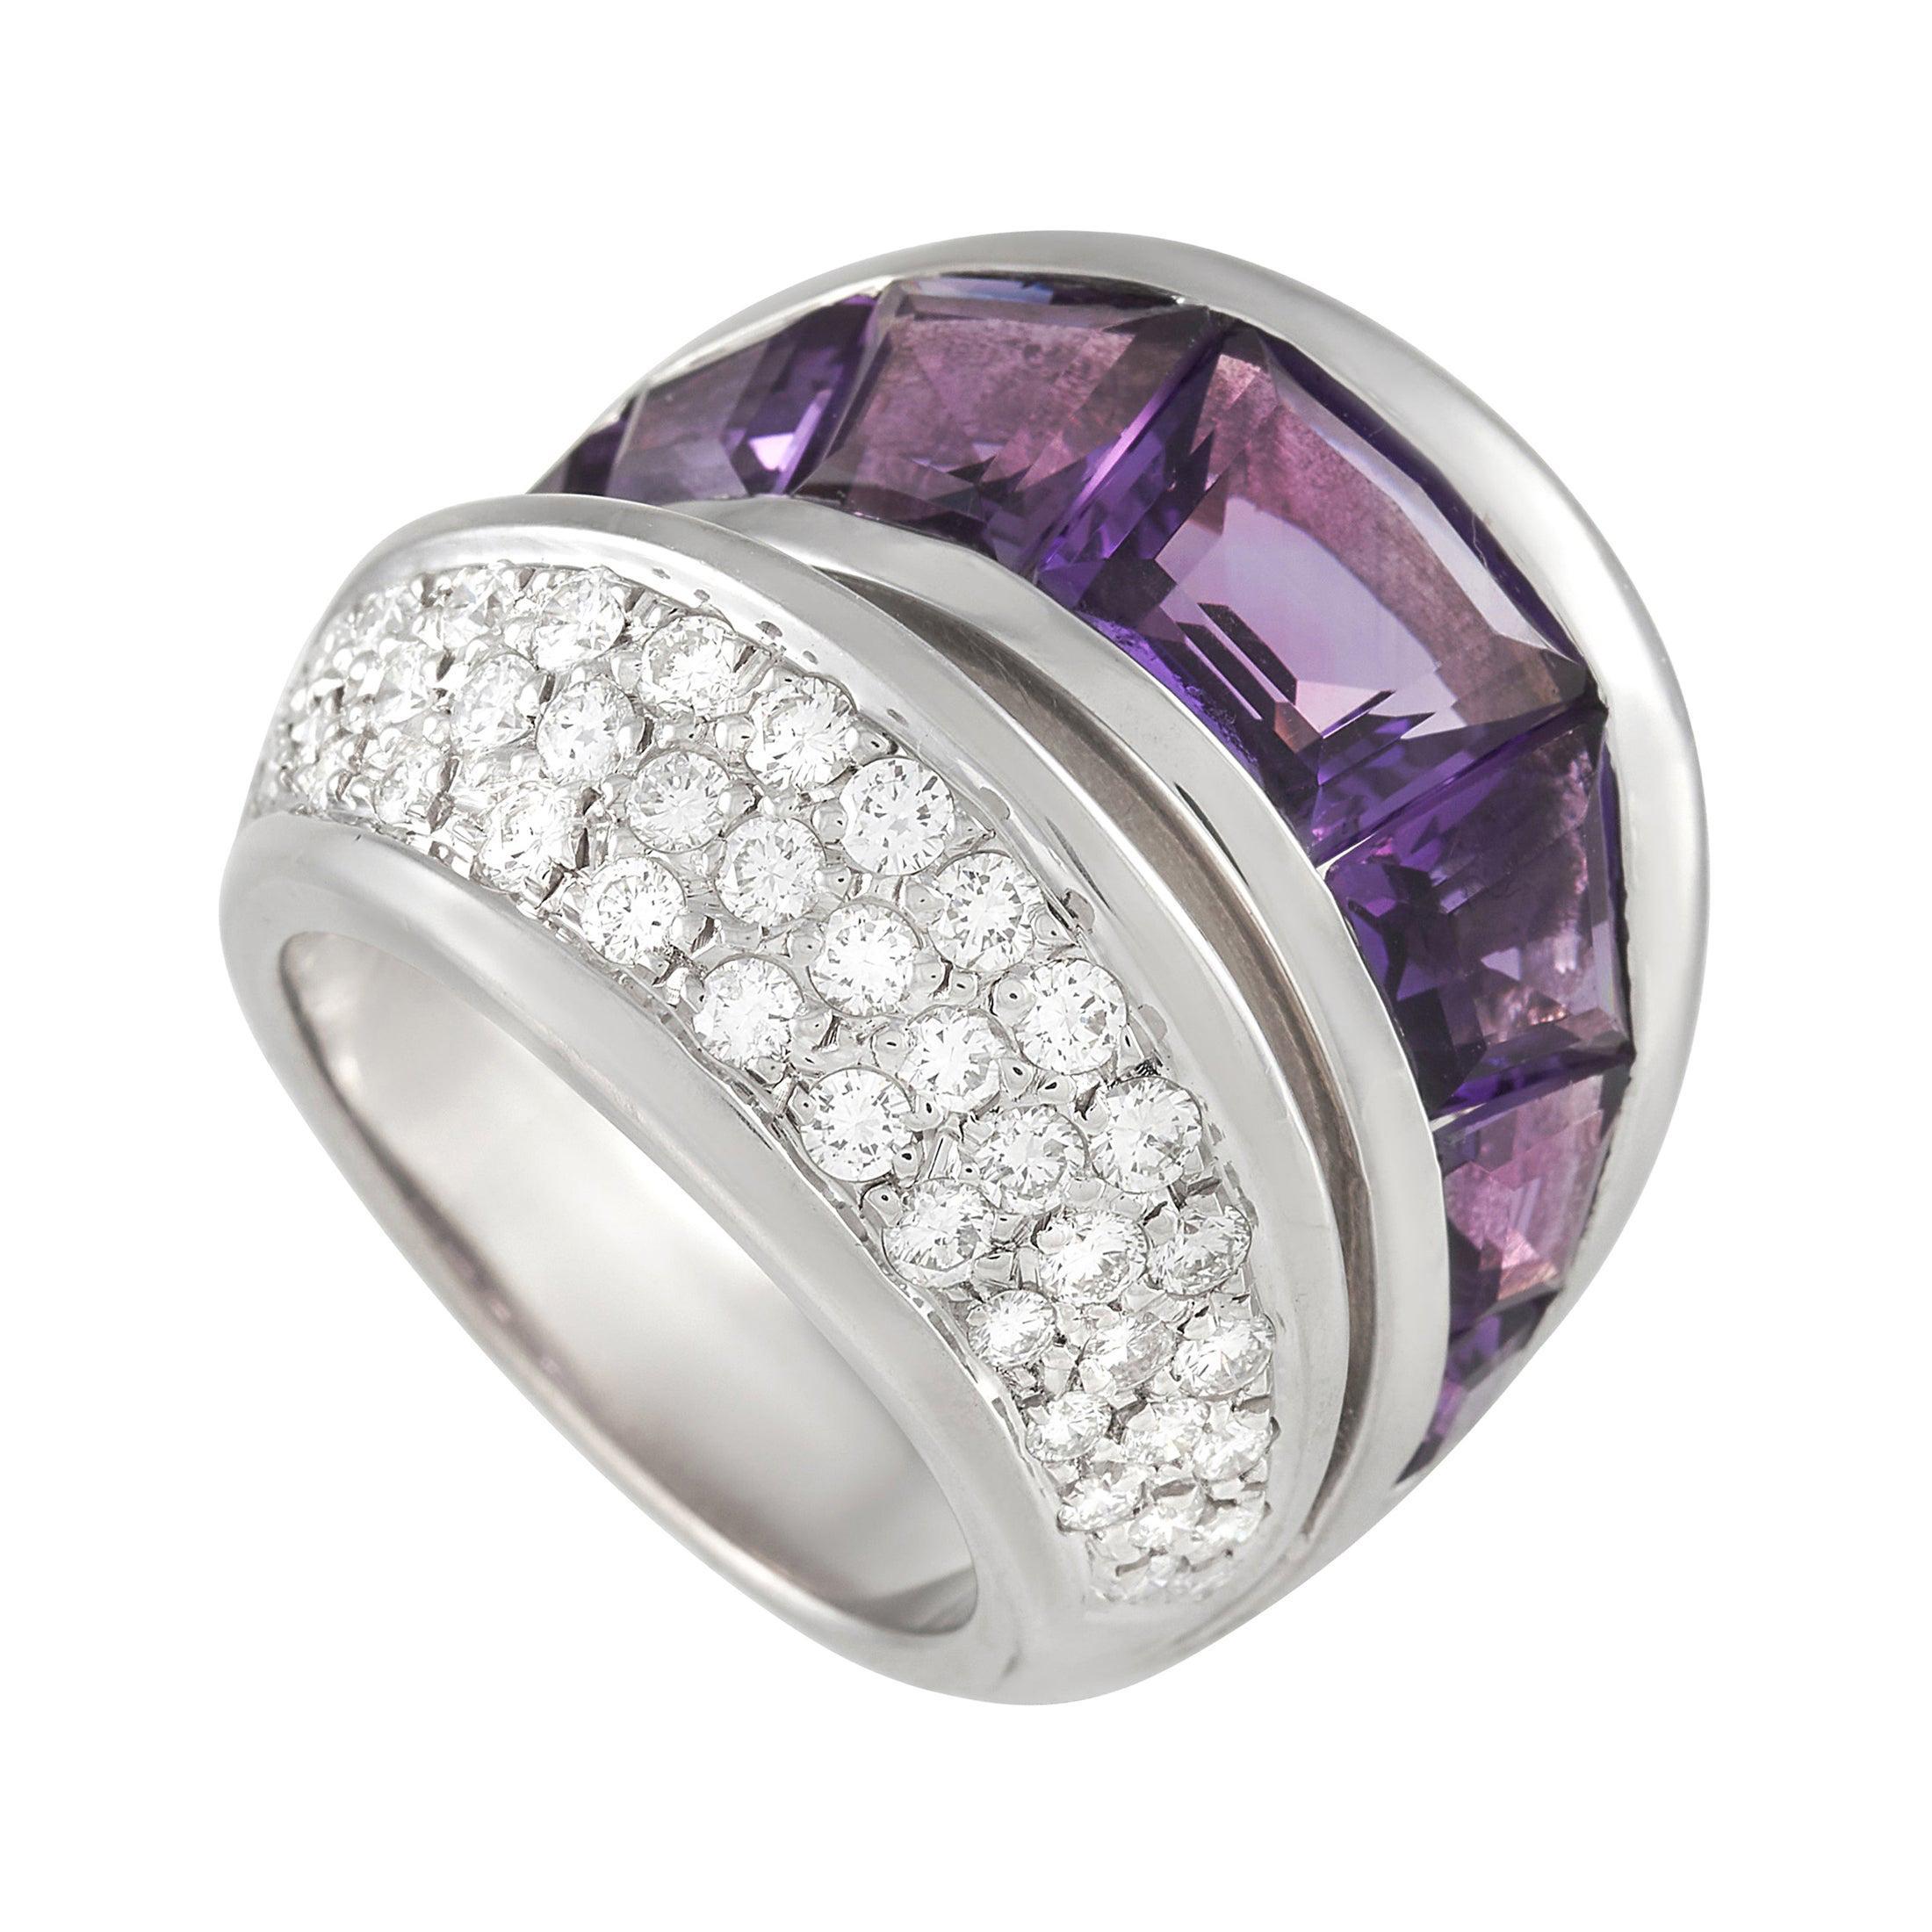 Vasari 18k White Gold 1.25 Ct Diamond and 6.50 Ct Amethyst Ring